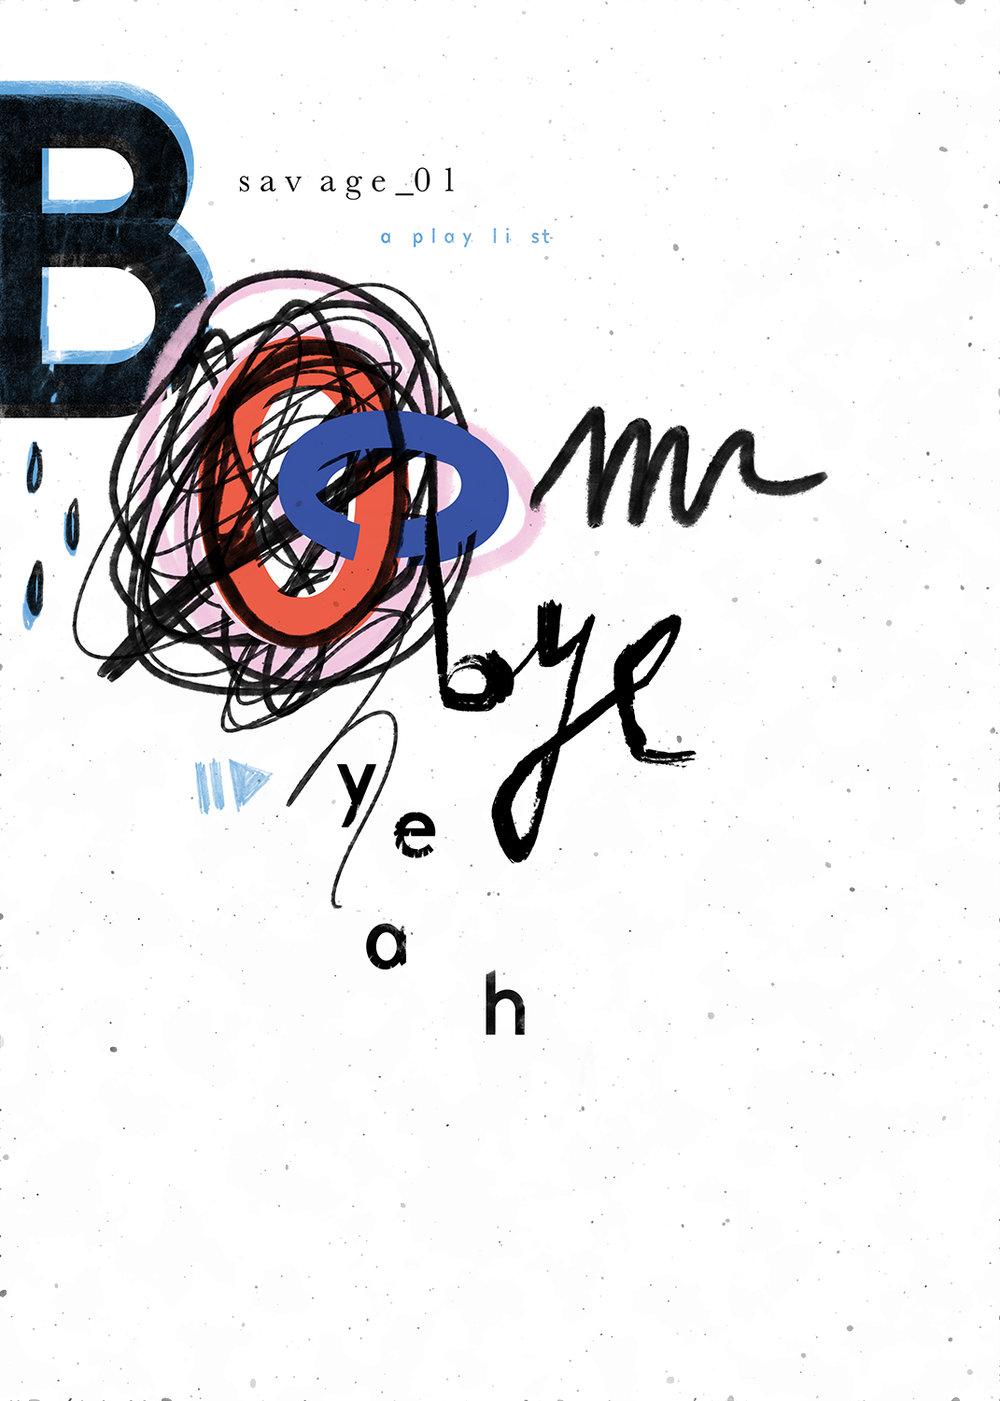 TSB - Savage Playlist 01 - Boom Bye Yeah (design Julie Smits) 02.jpg